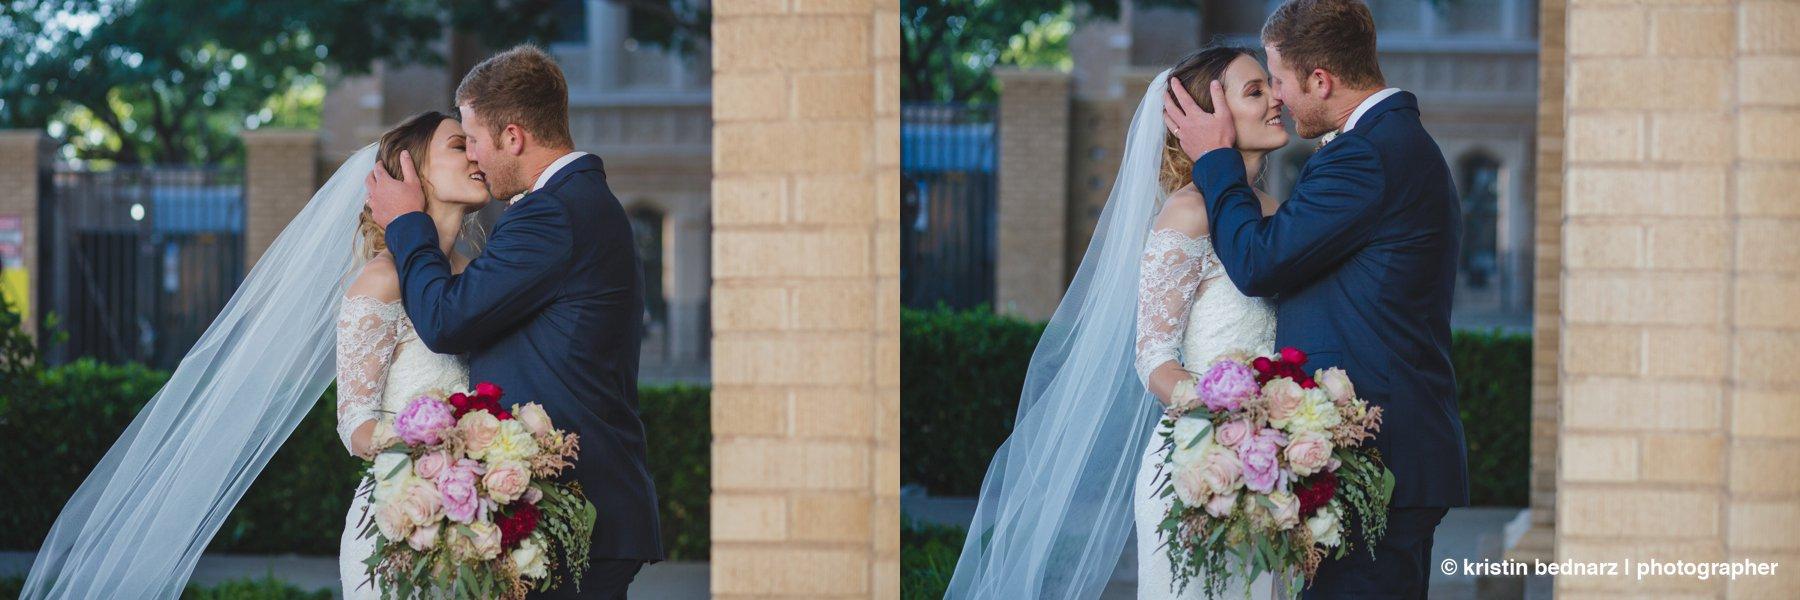 Krisitin_Bednarz_Lubbock_Wedding_Photographer_20180602_0072.JPG